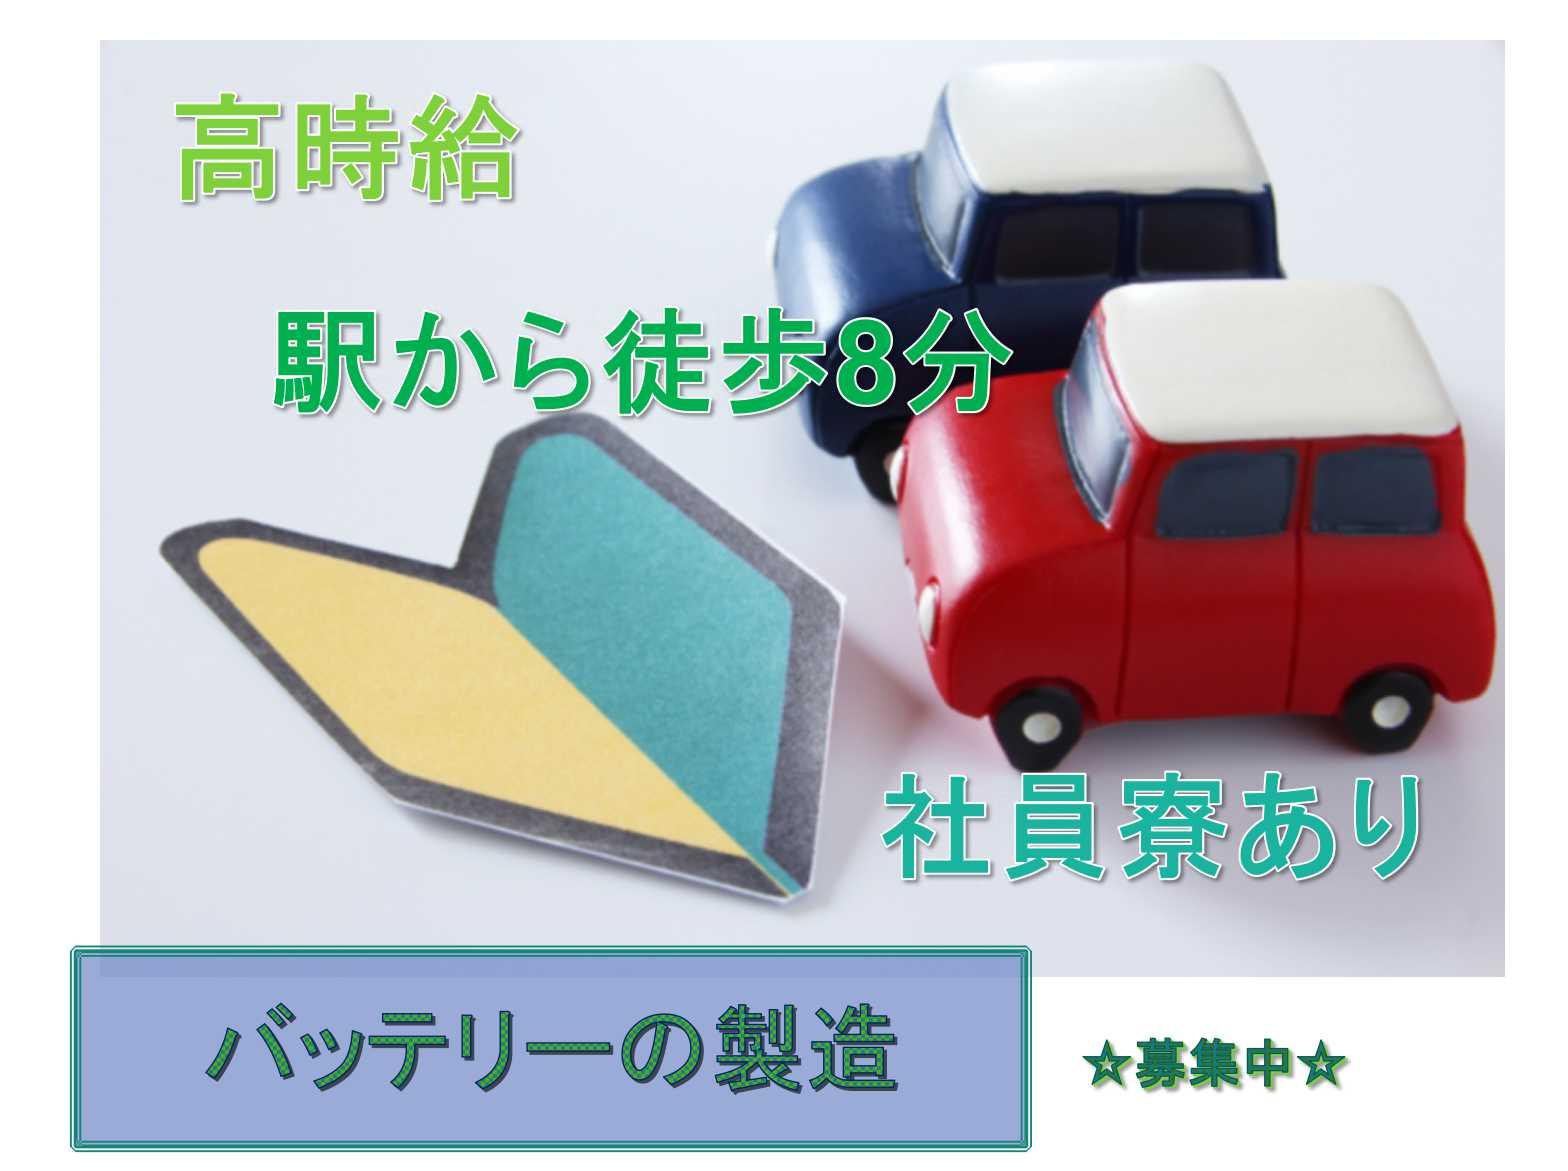 【埼玉県深谷市】時給1500円の高時給◆駅から徒歩10分以内◆バッテリーの製造◆ イメージ